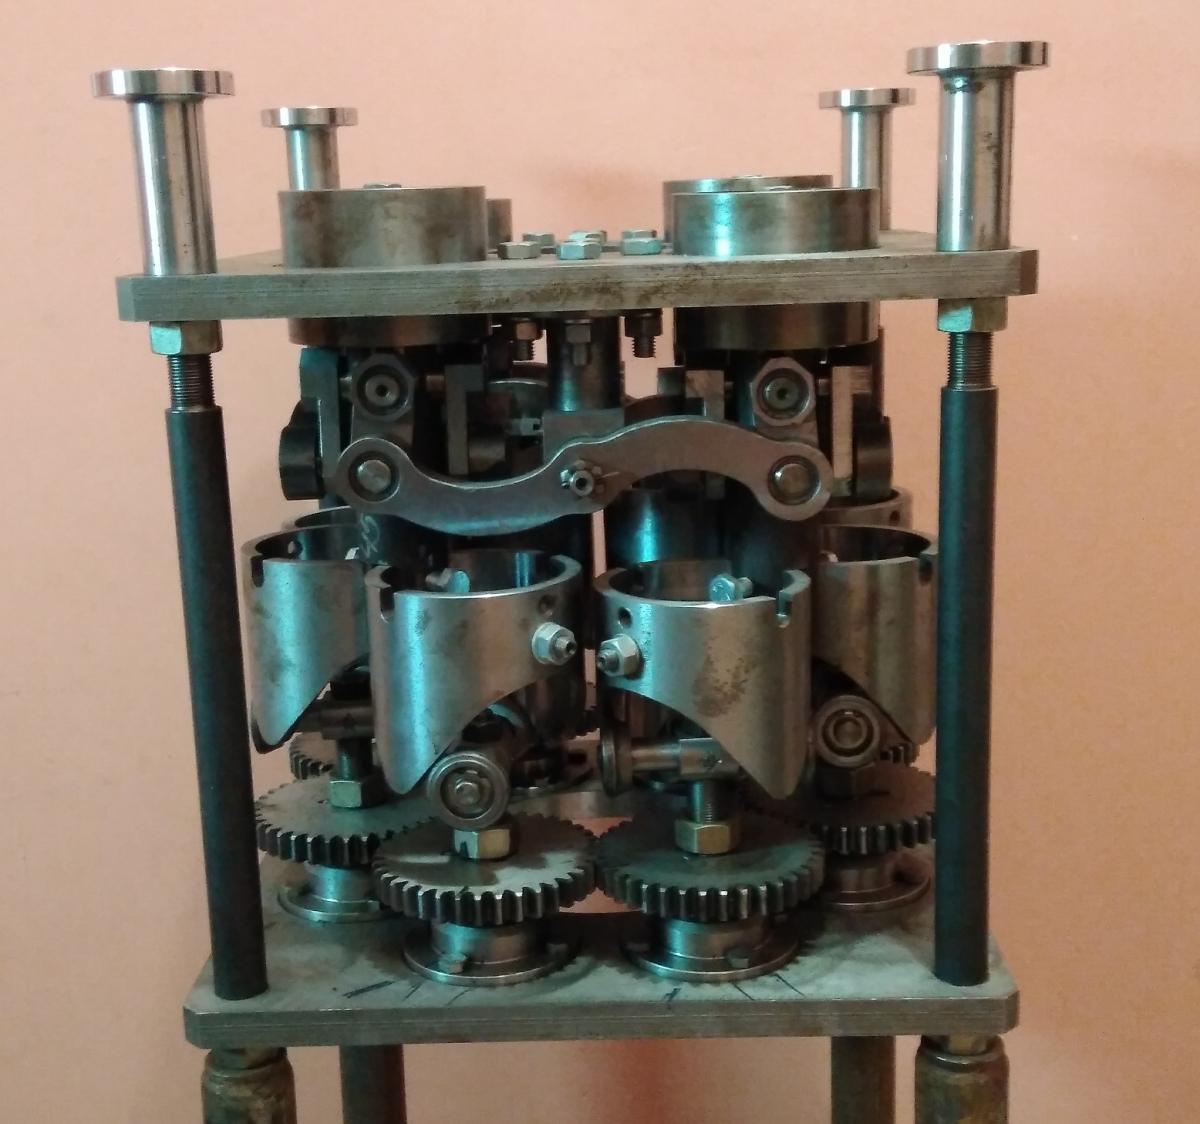 Мотор «Зеленый муравей»: уникальная разработка из России марки и модели